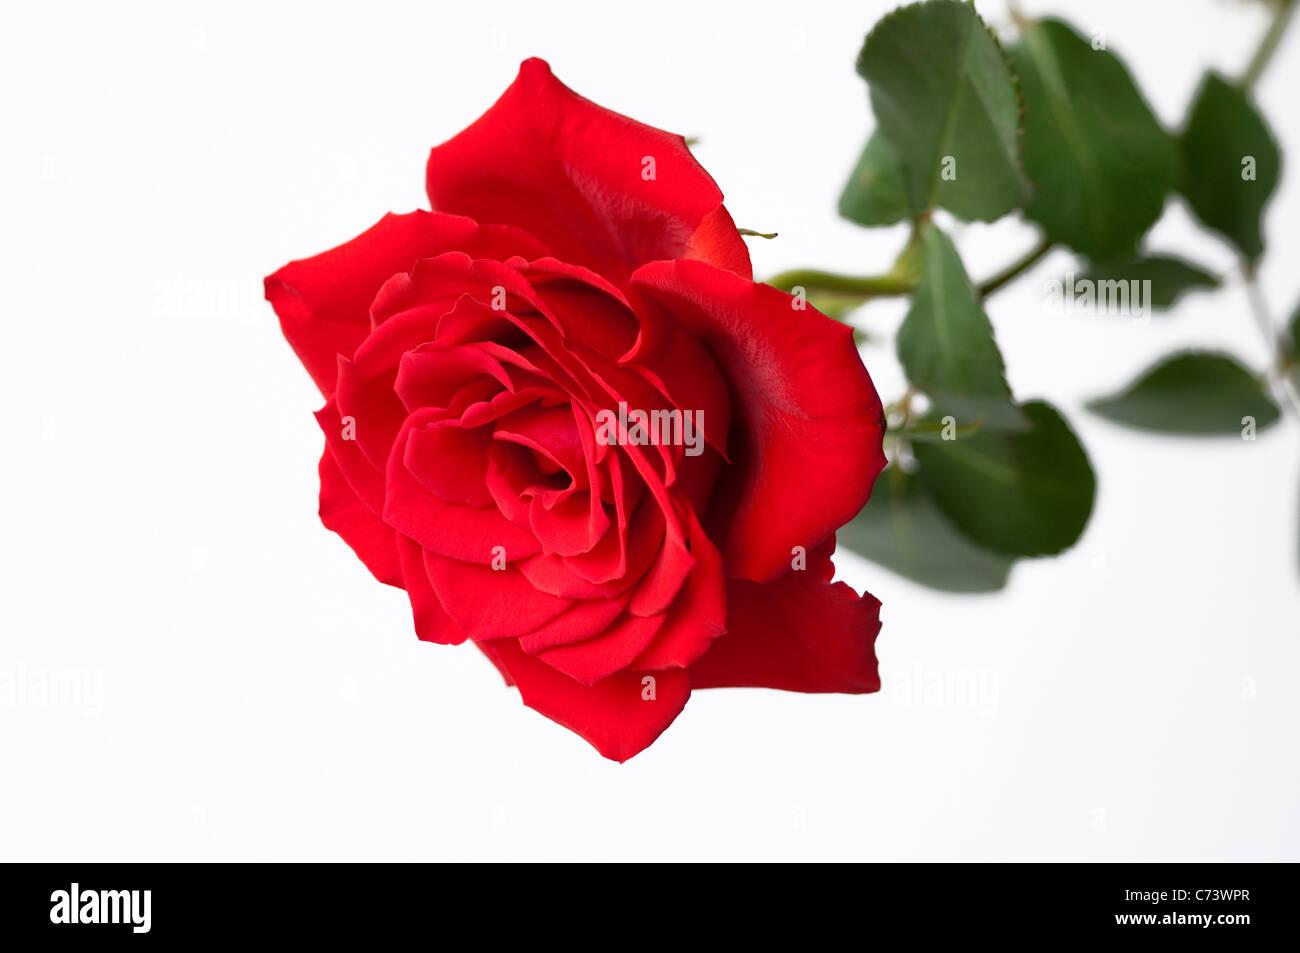 Rose (Rosa sp.), fleur rouge. Studio photo sur un fond blanc. Photo Stock